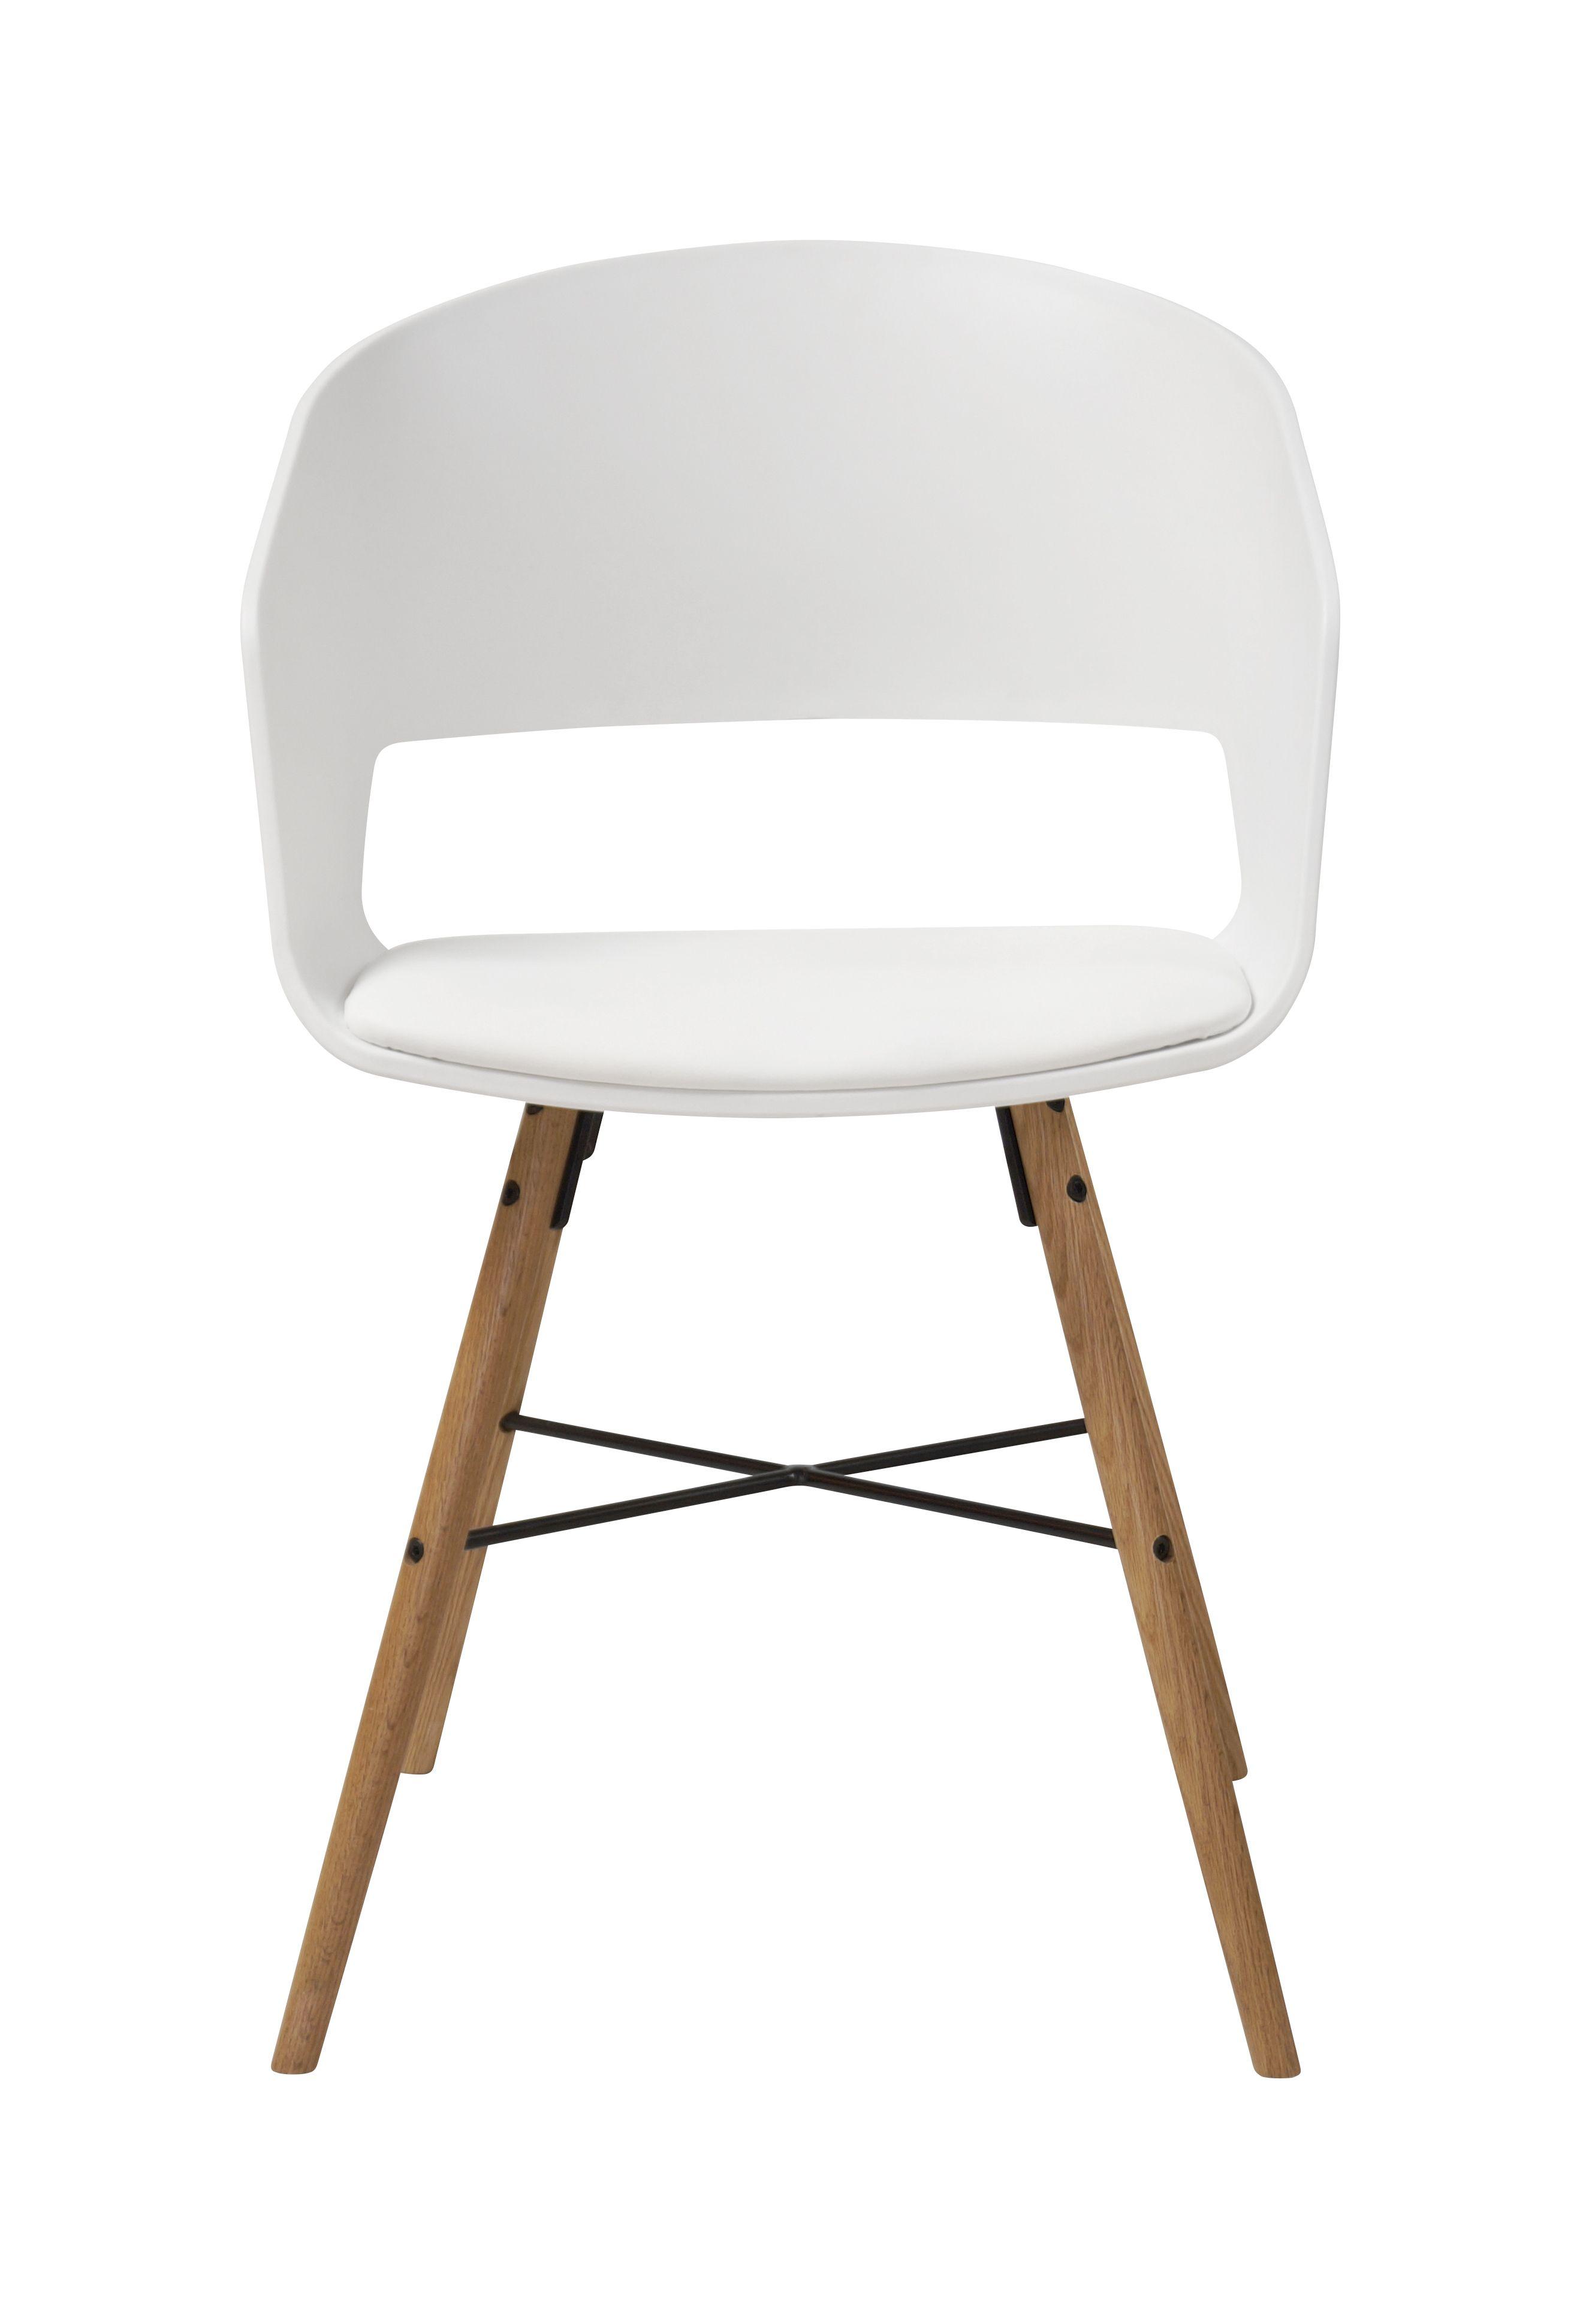 sandinavische_eetkamerstoel_levaleva_witte_eetkamerstoel_houten_poten_strakke_stoel_wit_eettafelstoel_.jpg